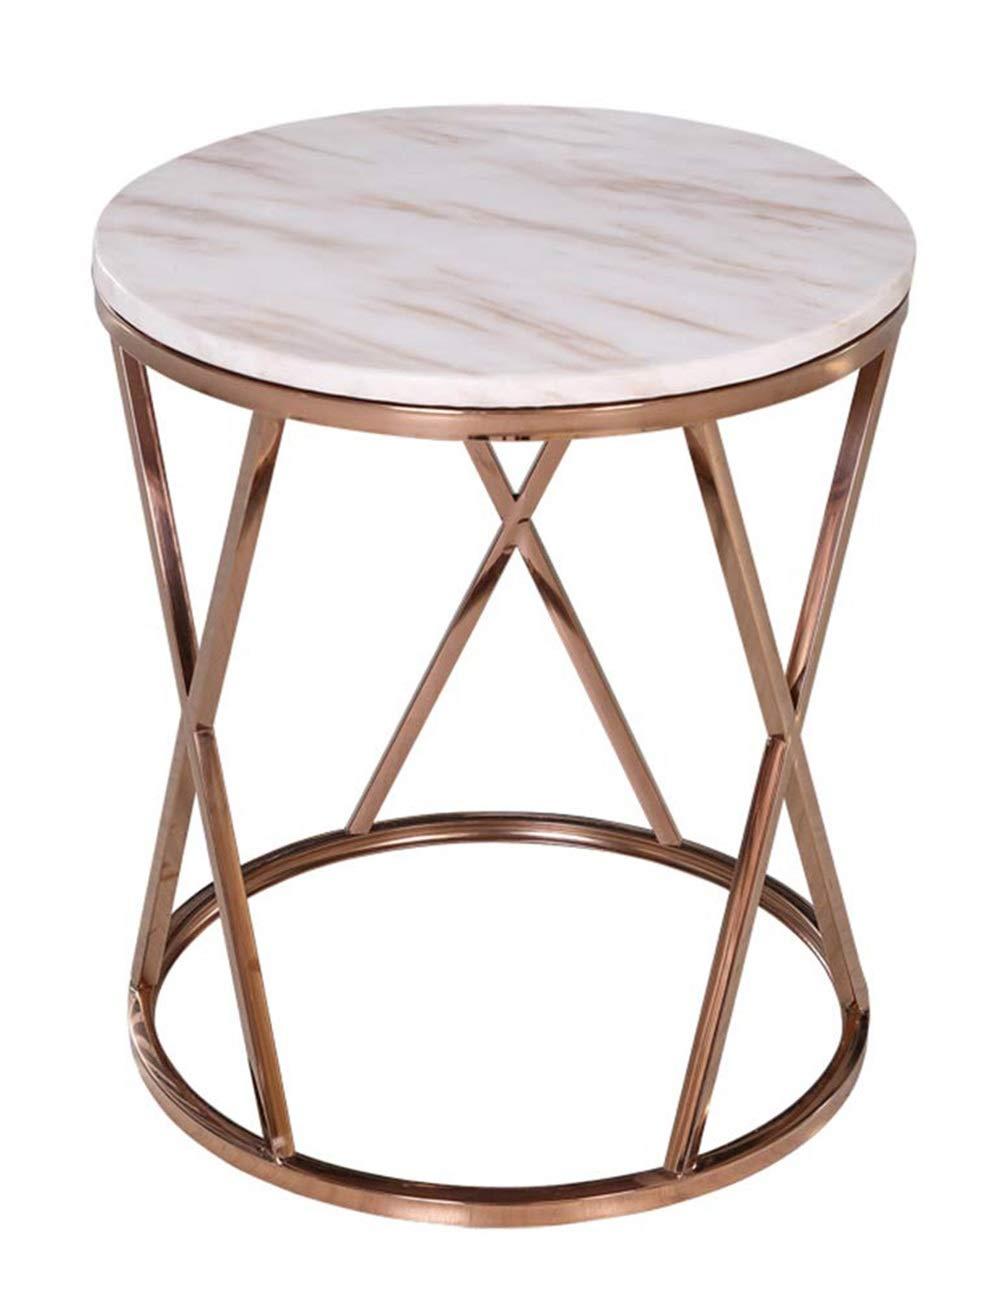 大理石のコーヒーテーブル/錬鉄製のサイドテーブル、丸型モダンミニマリストのリビングルームスモールアパートメントベッドサイドテーブル、金属製ブラケット、ホワイト(50×50×55cm) B07QQYKB4Z